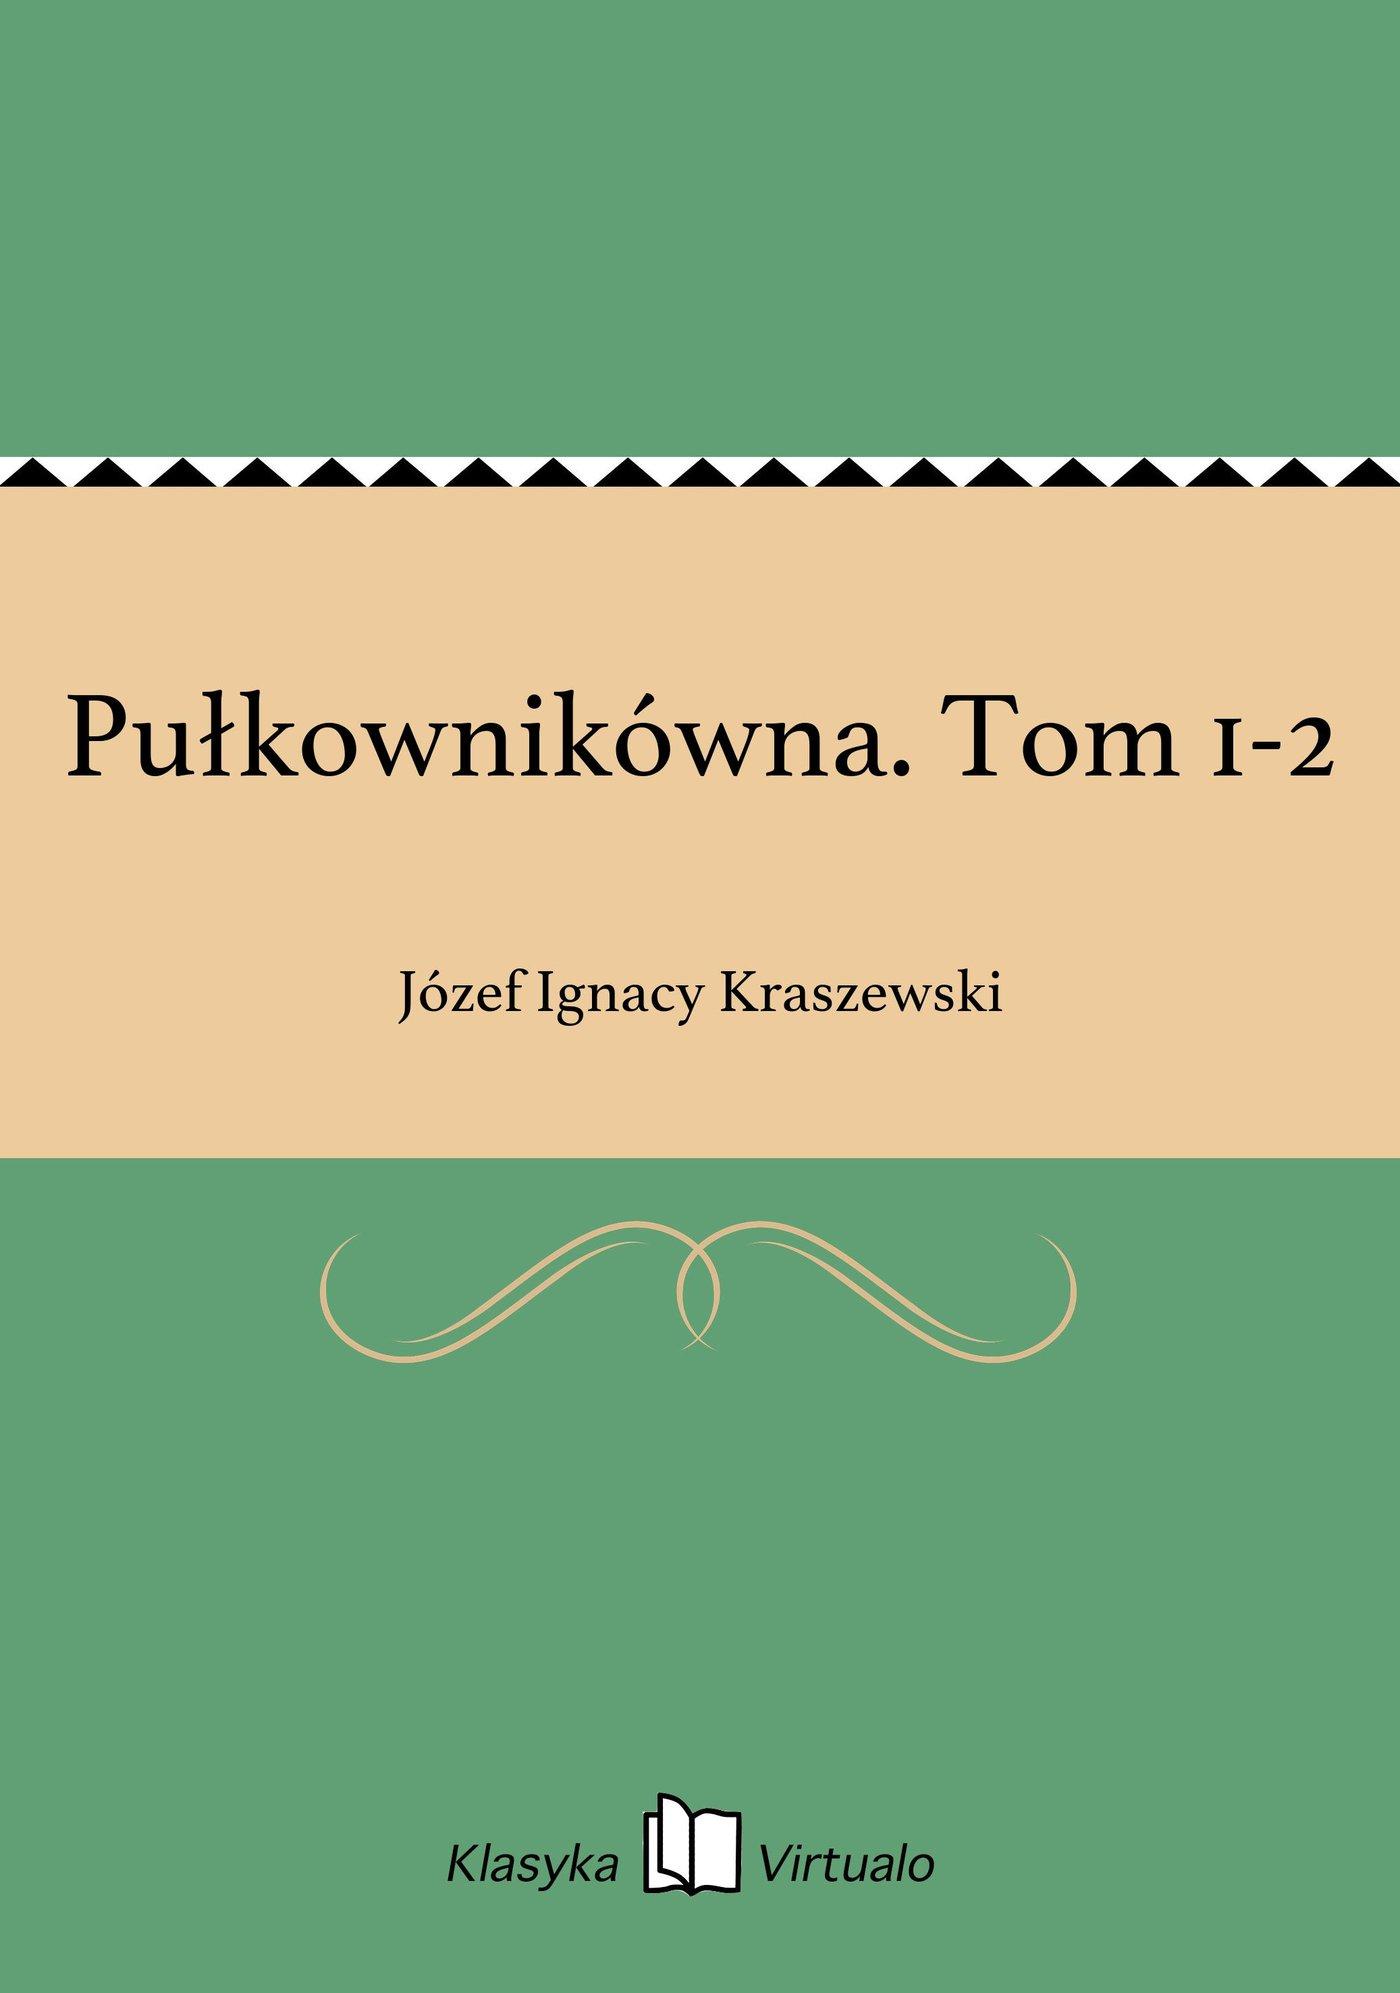 Pułkownikówna. Tom 1-2 - Ebook (Książka EPUB) do pobrania w formacie EPUB